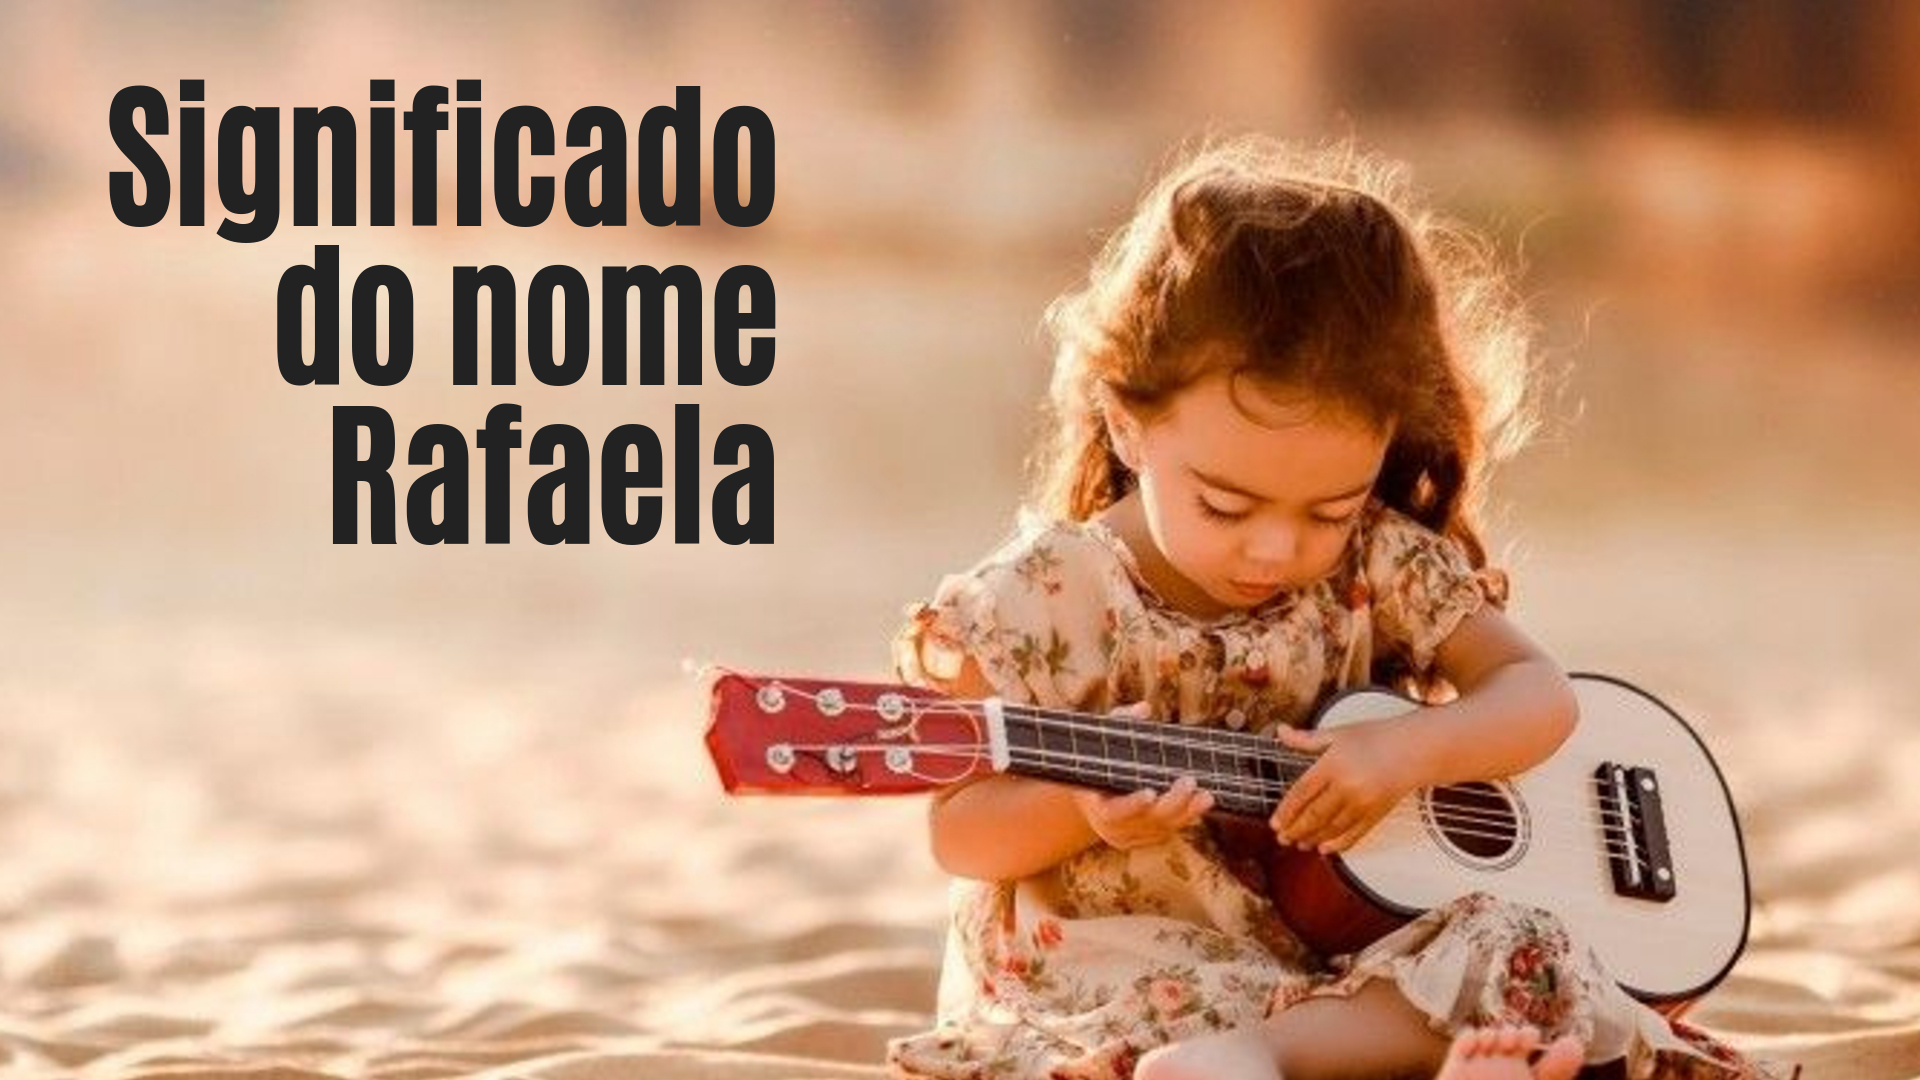 foto escrita significado do nome Rafaela